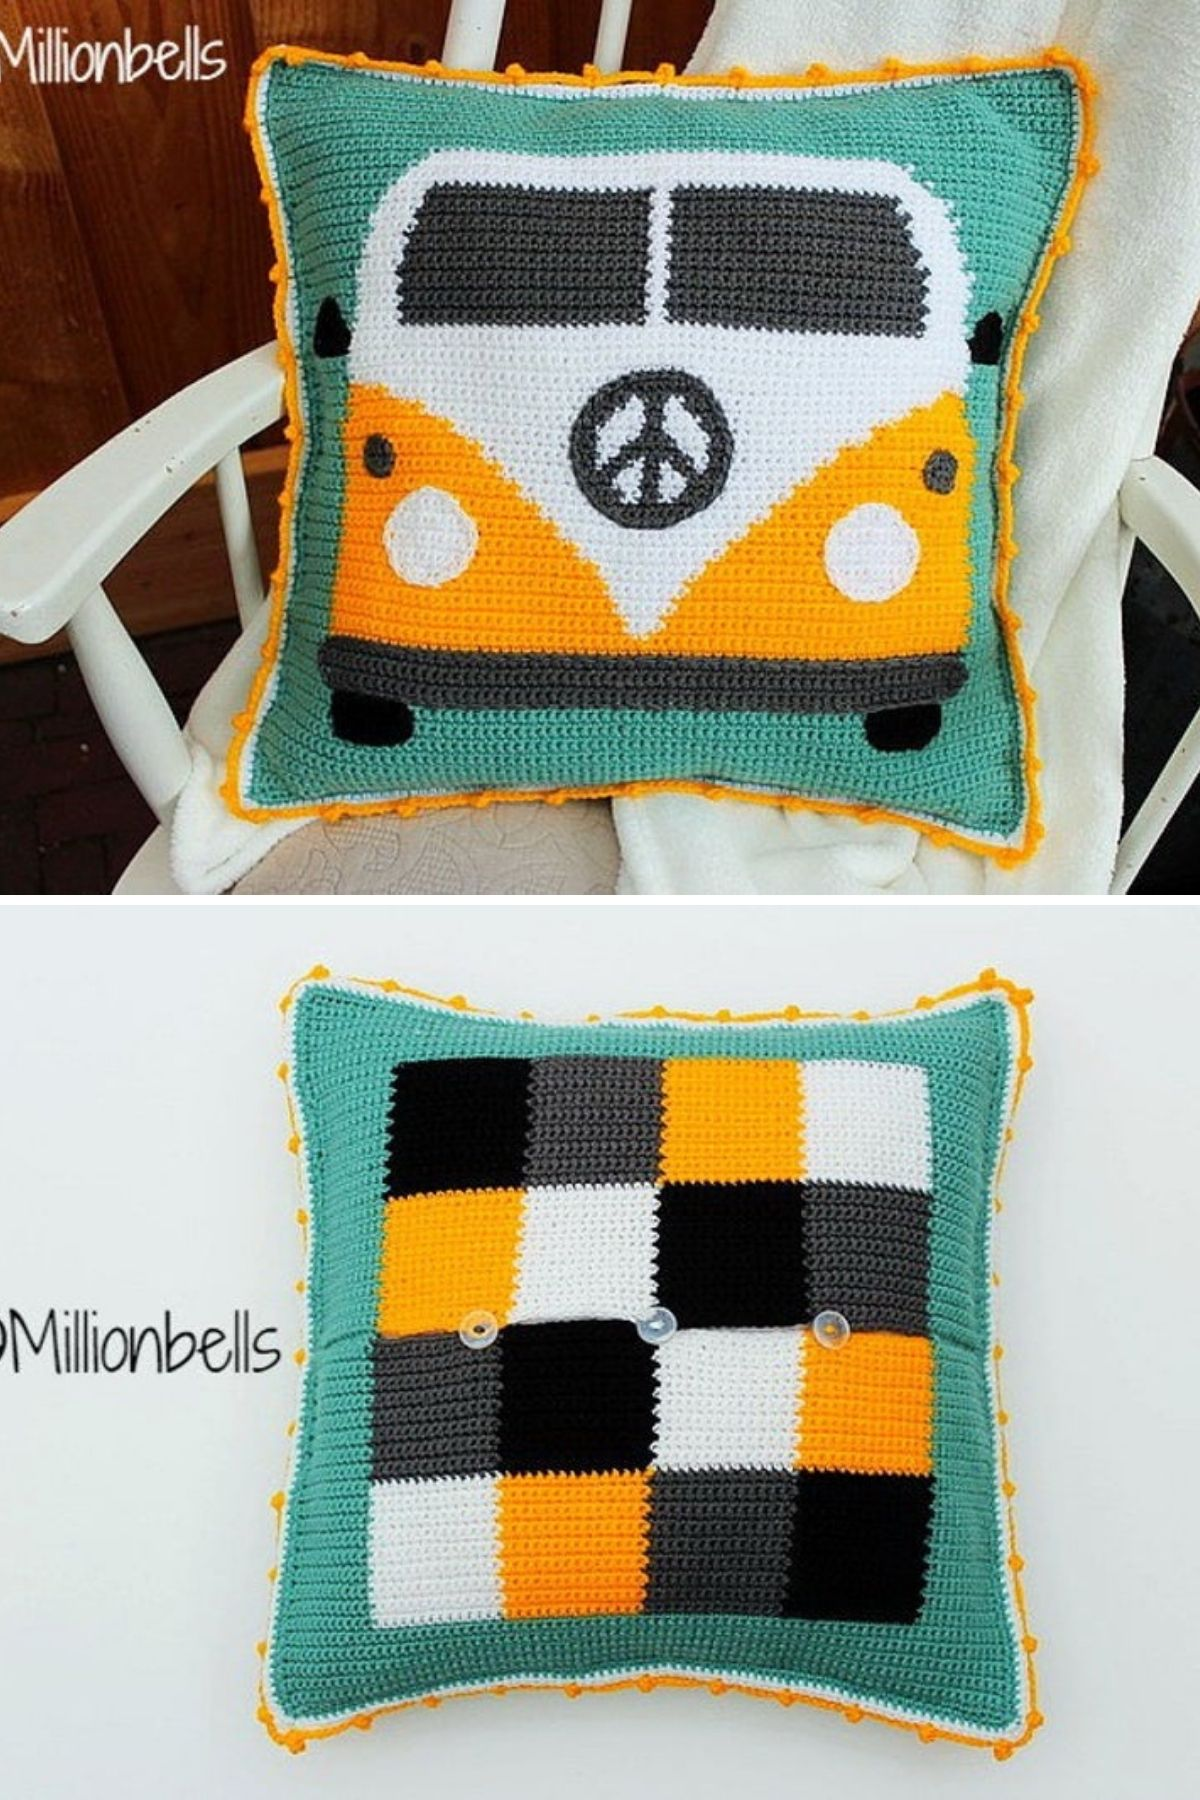 Crochet hippie van pillow in yellow and teal